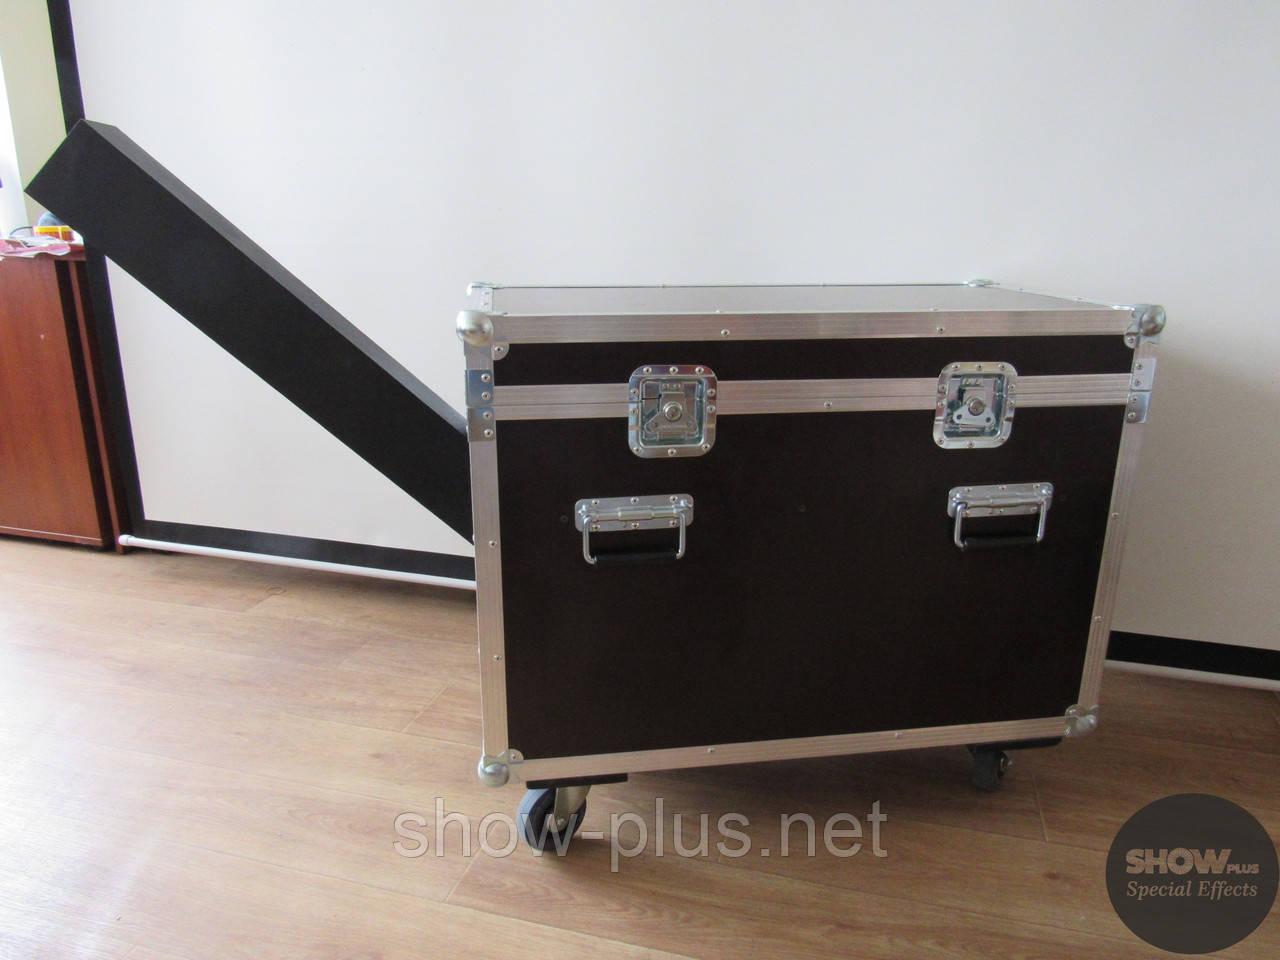 Конфетти машина SHOWplus CM-3000 Pro